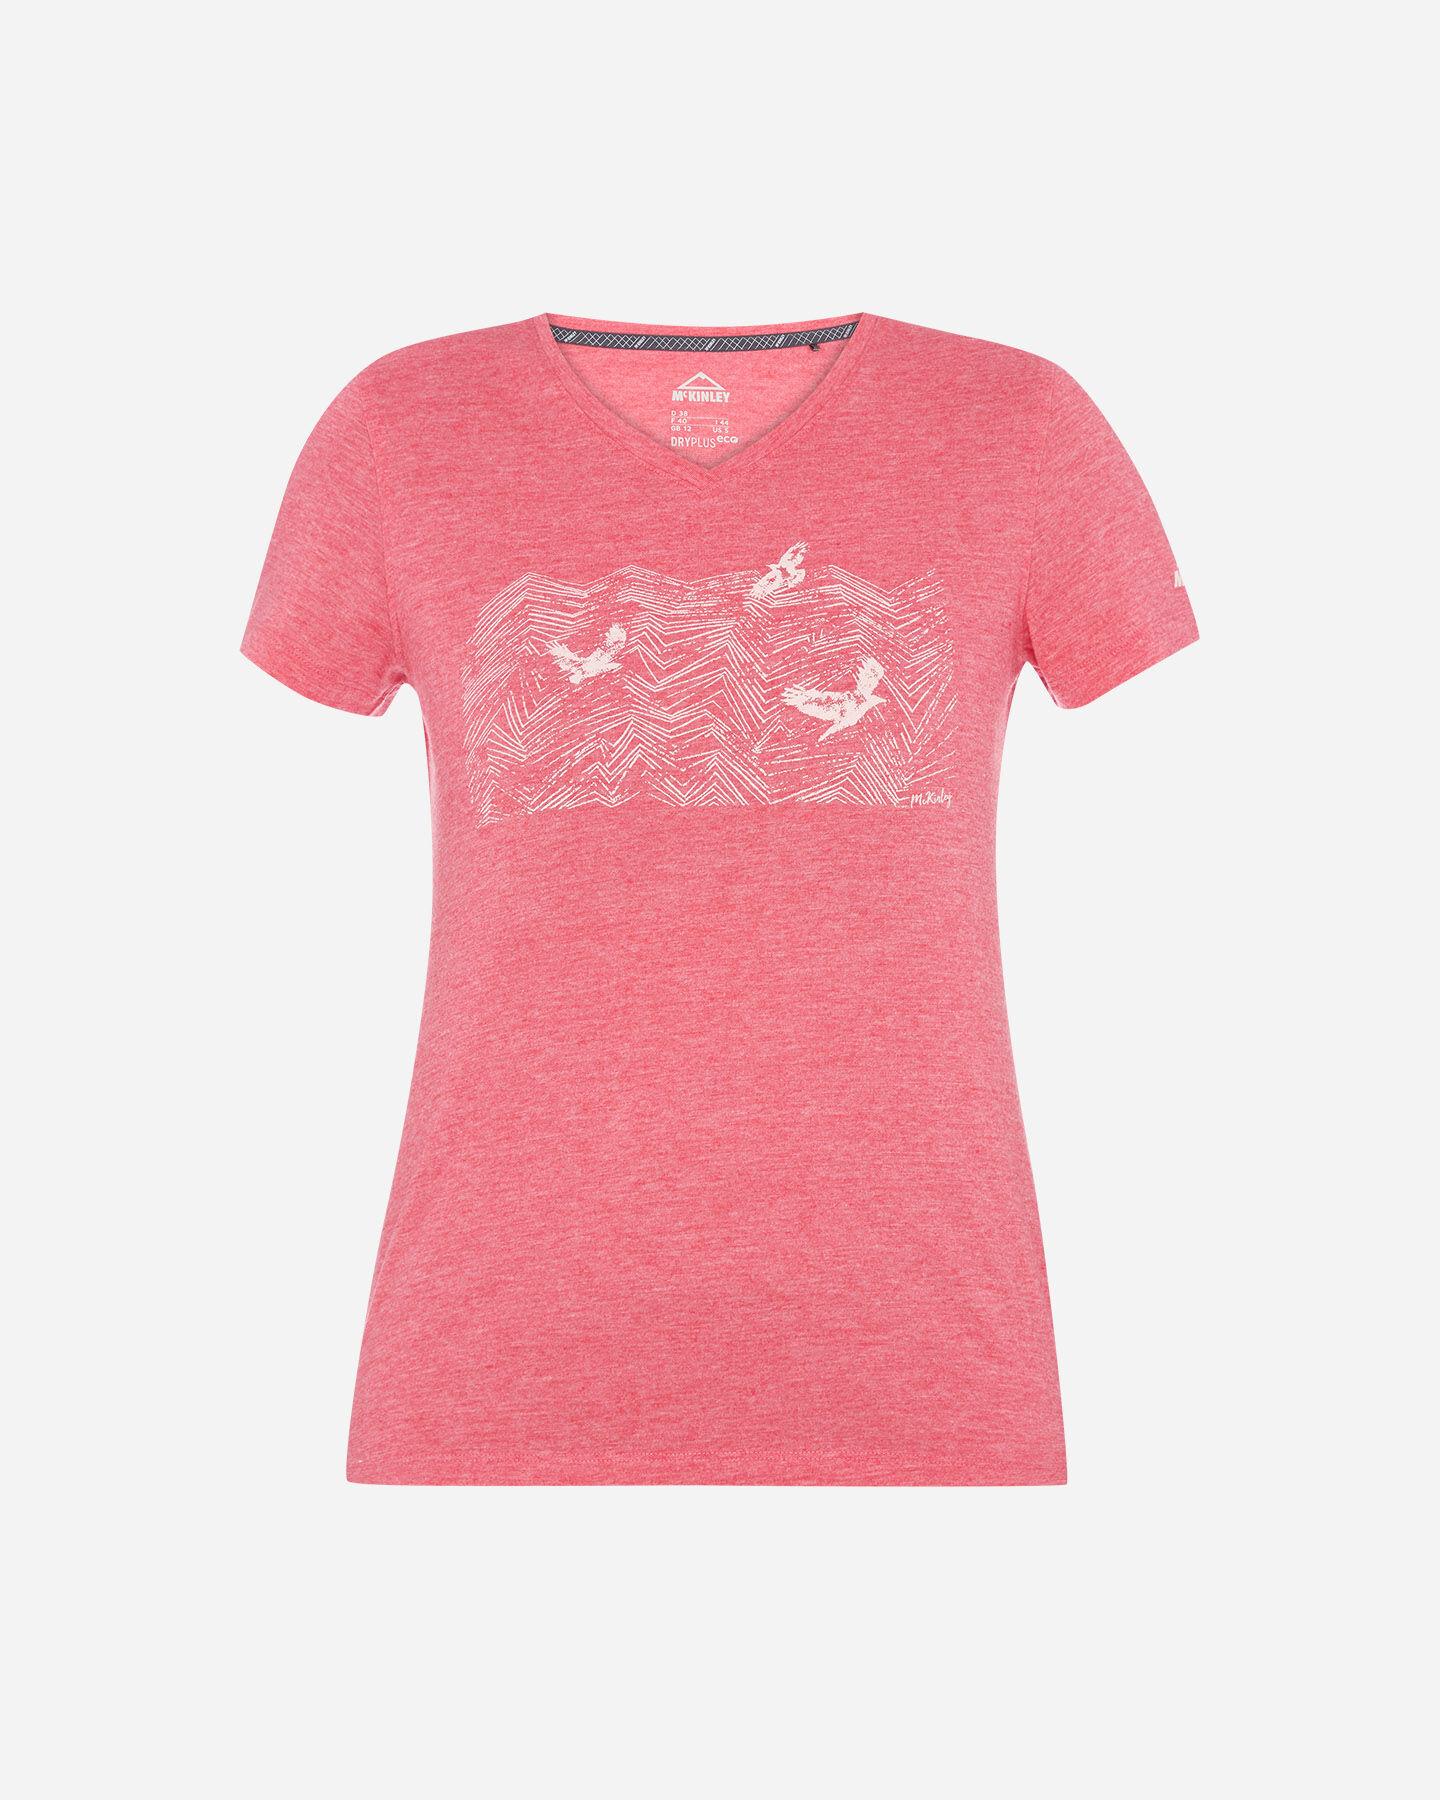 T-Shirt MCKINLEY KIMO W S5157947 scatto 0